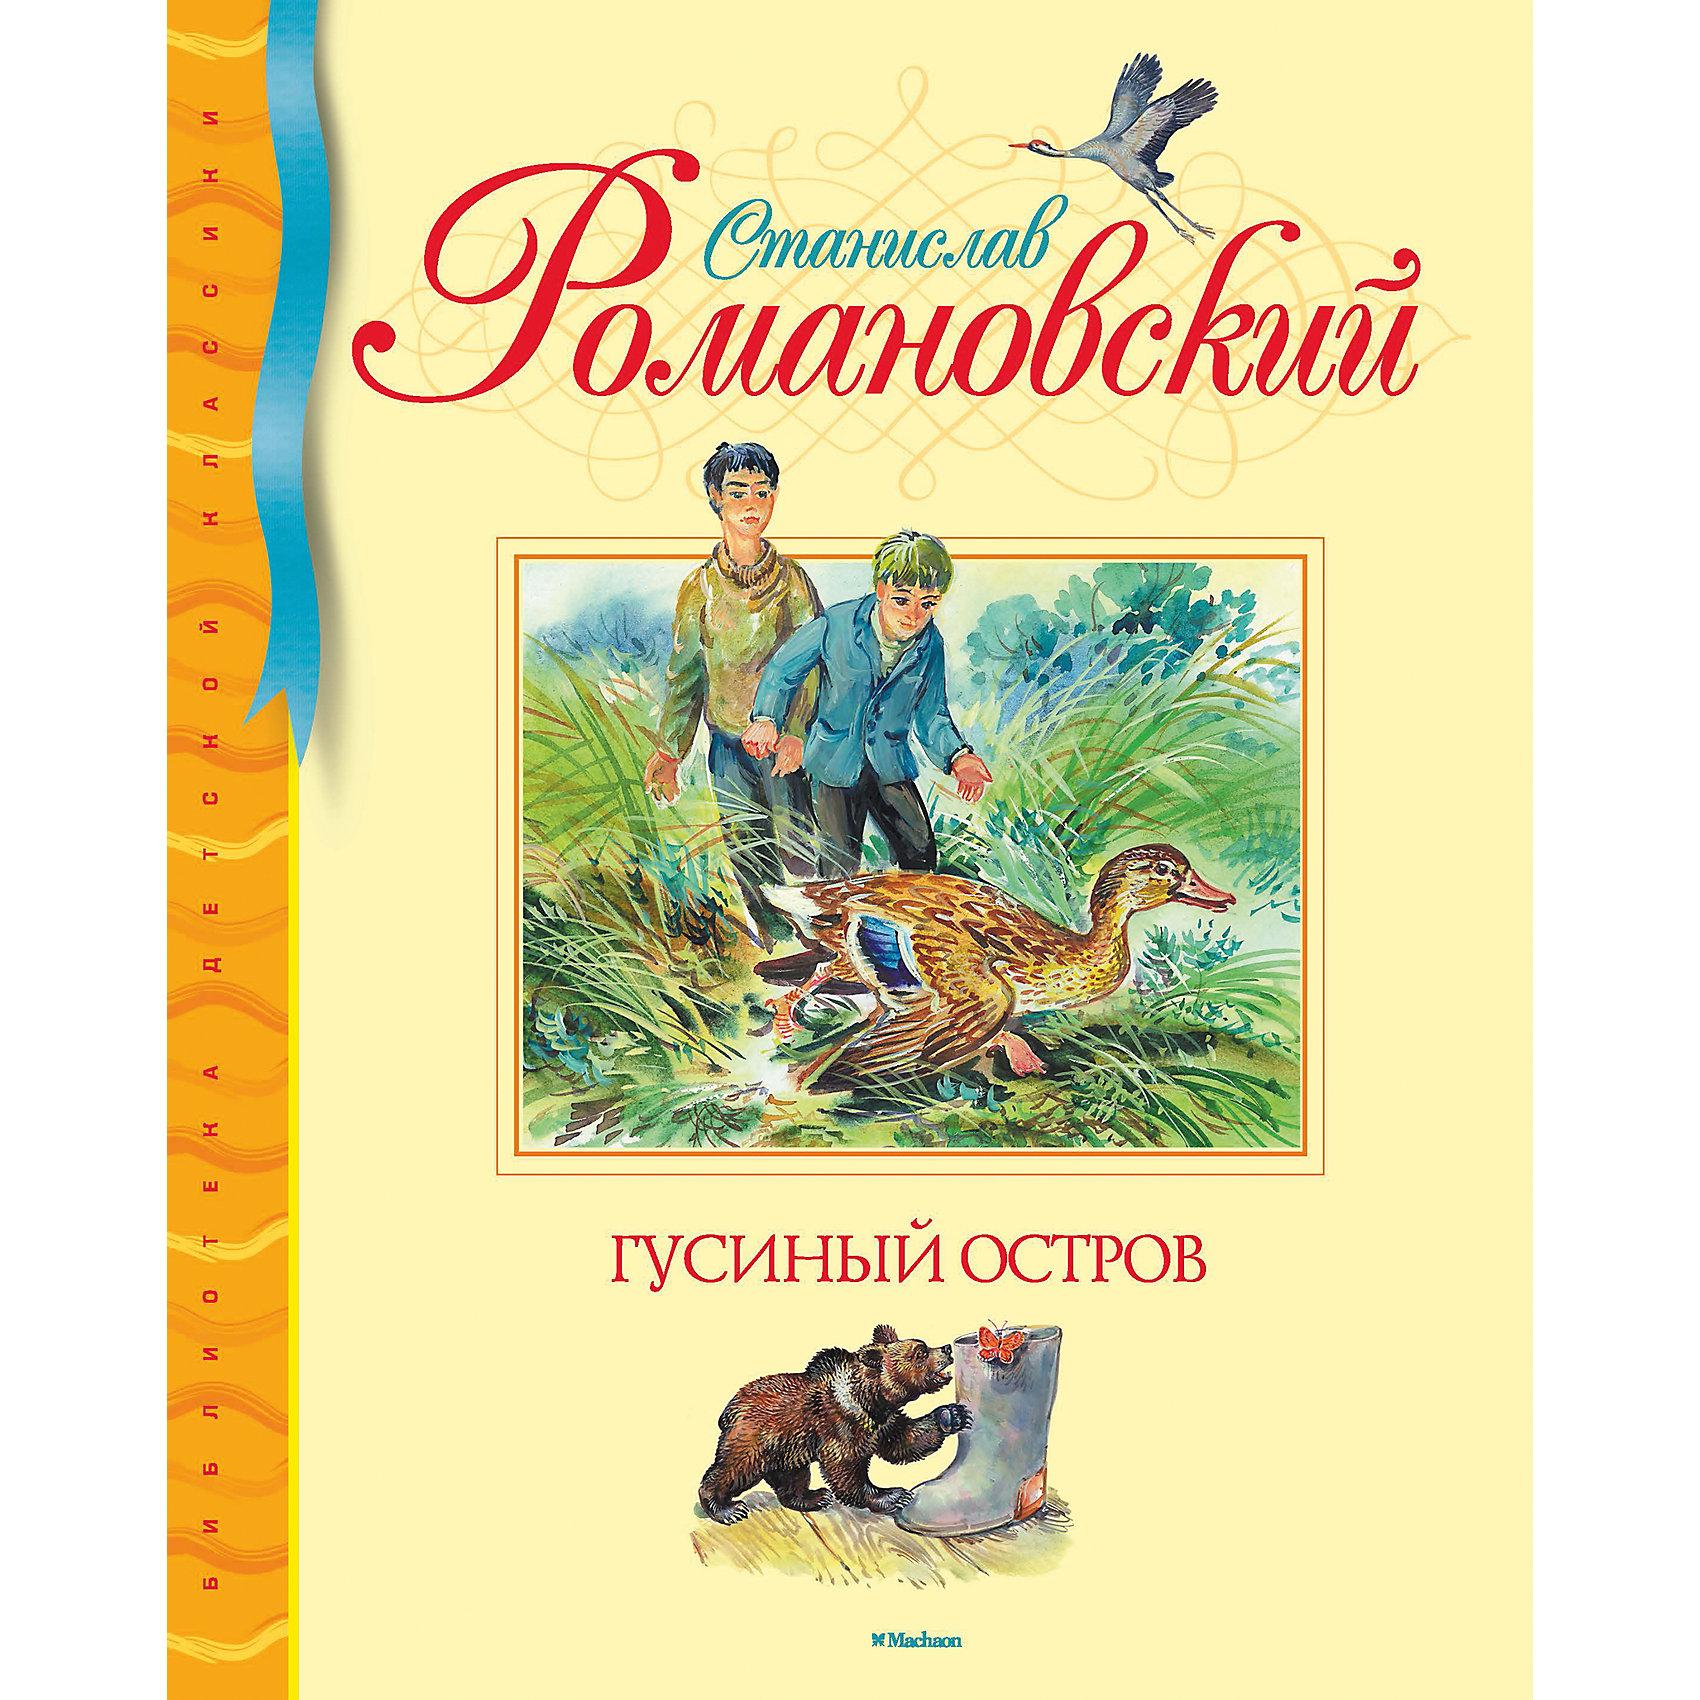 Махаон Гусиный остров, С.Т. Романовский книги издательство махаон моя книга о животных